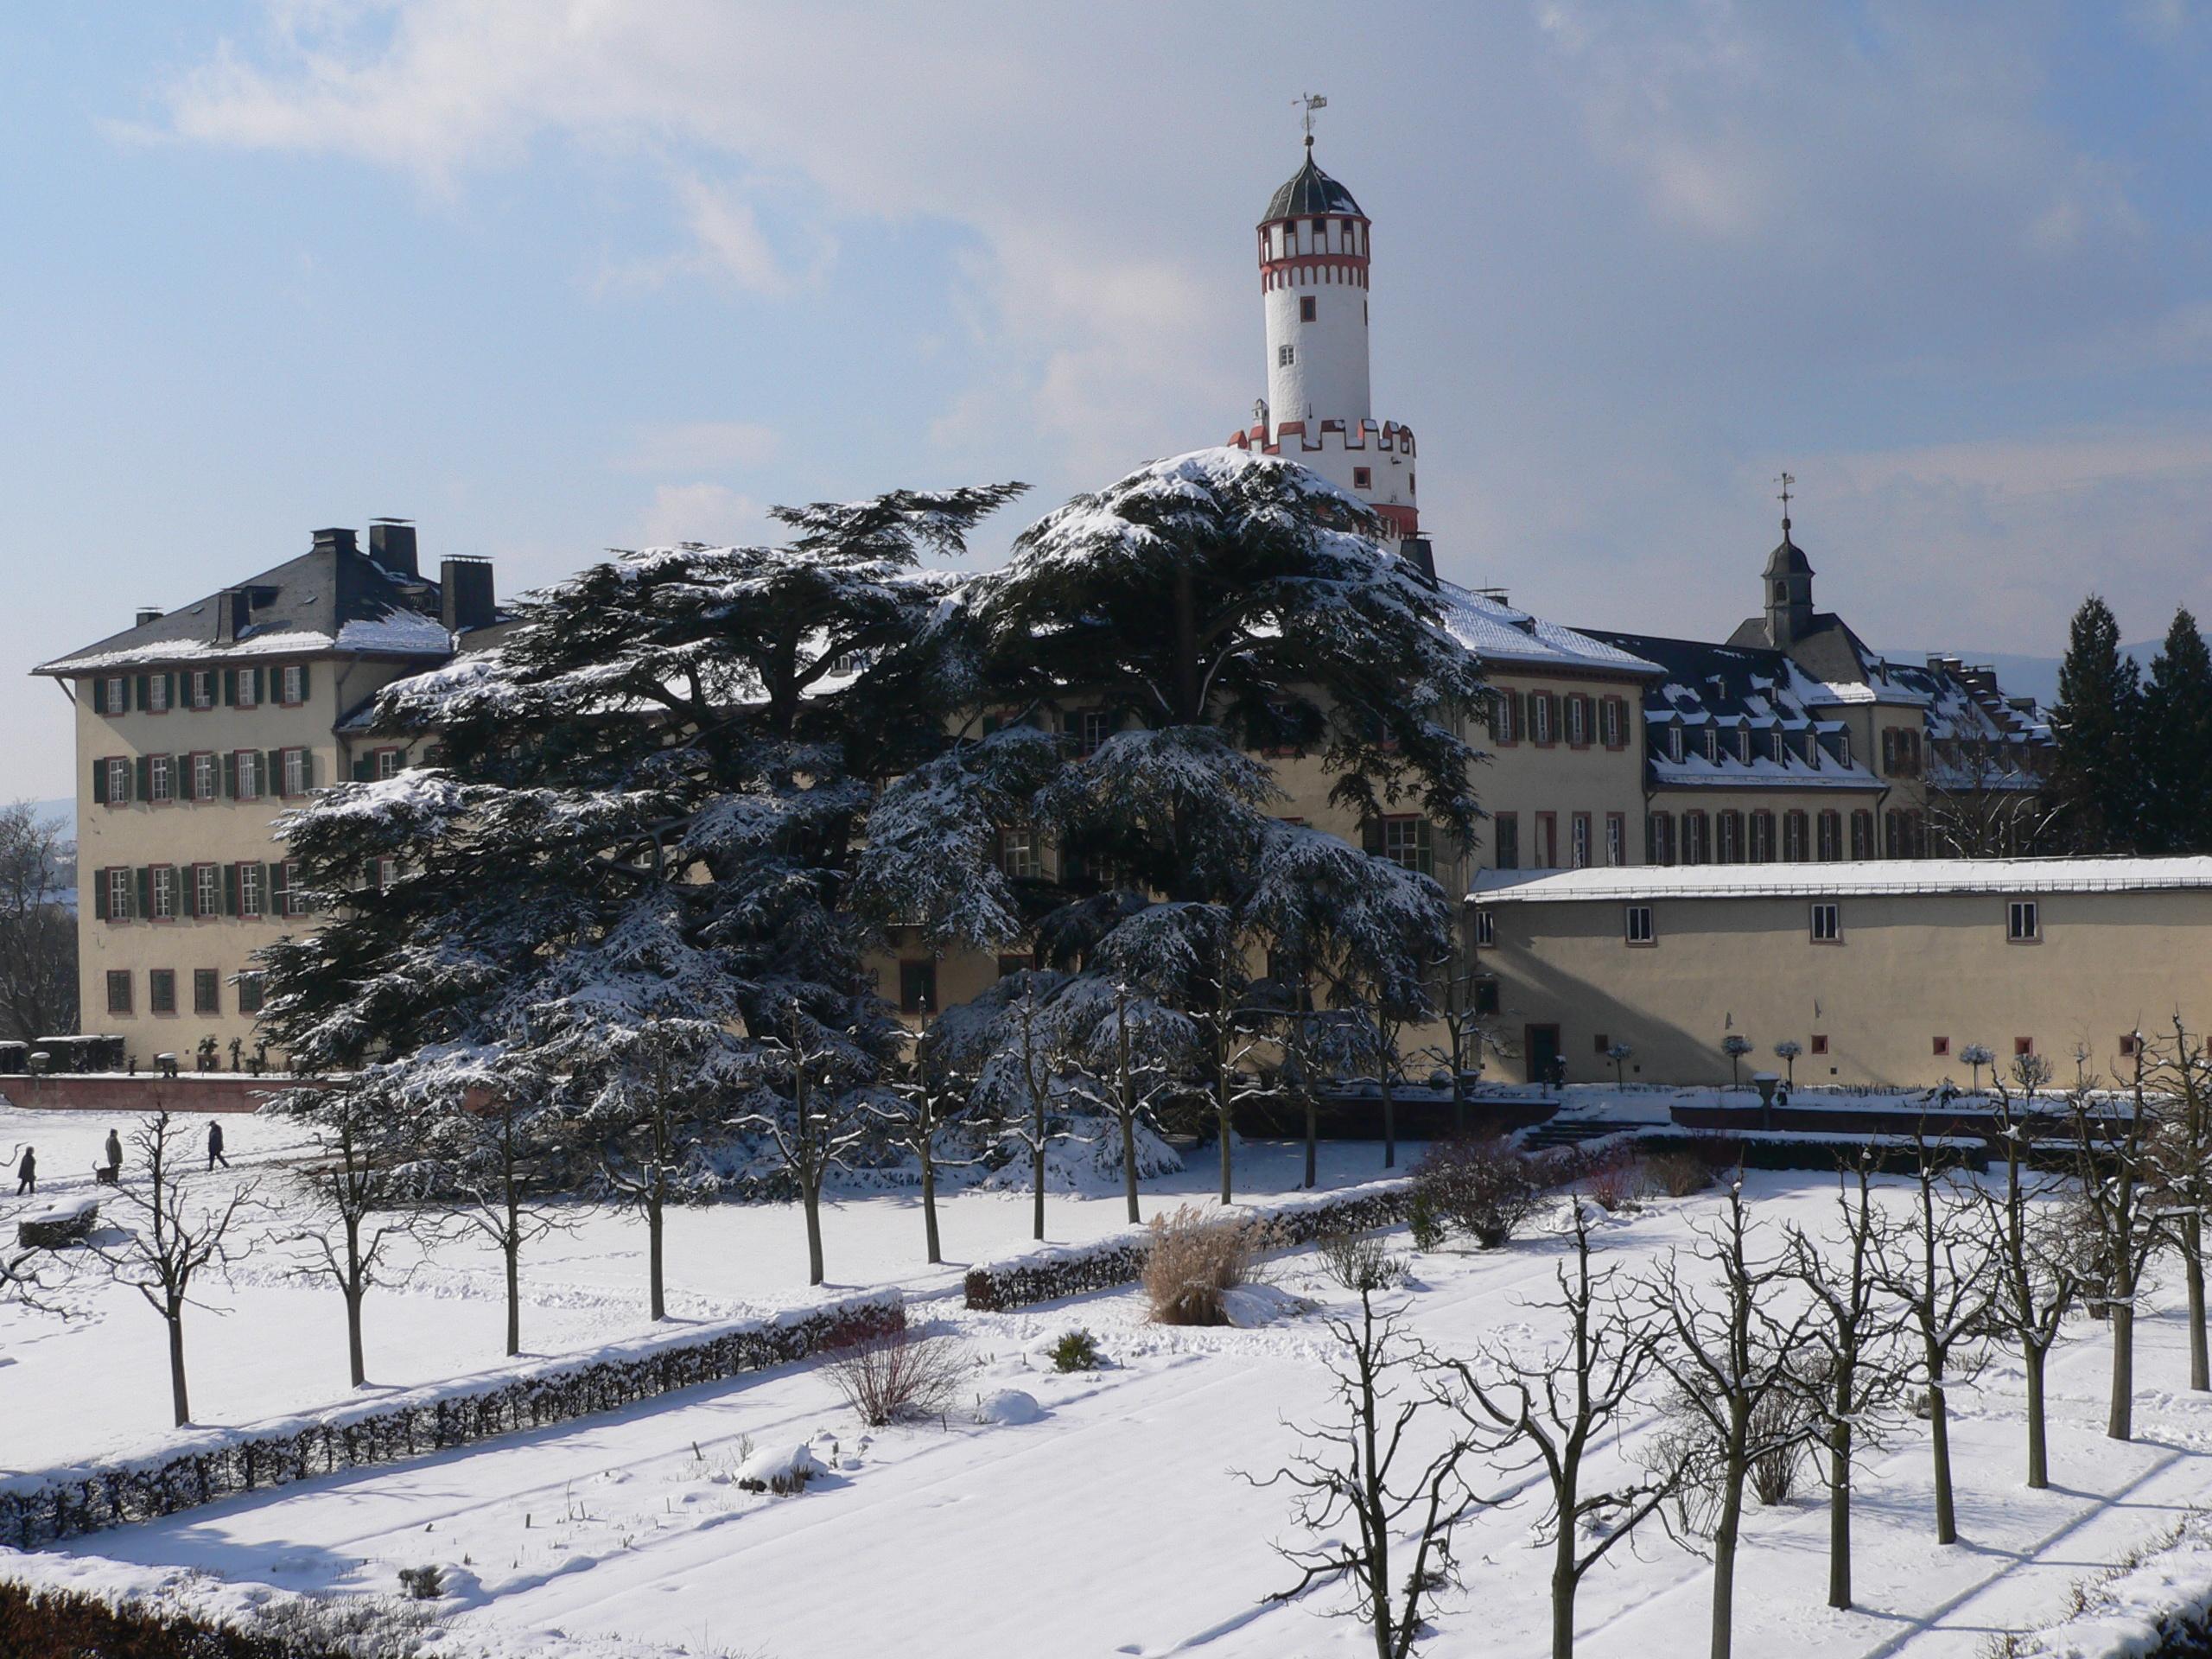 Homburg Germany